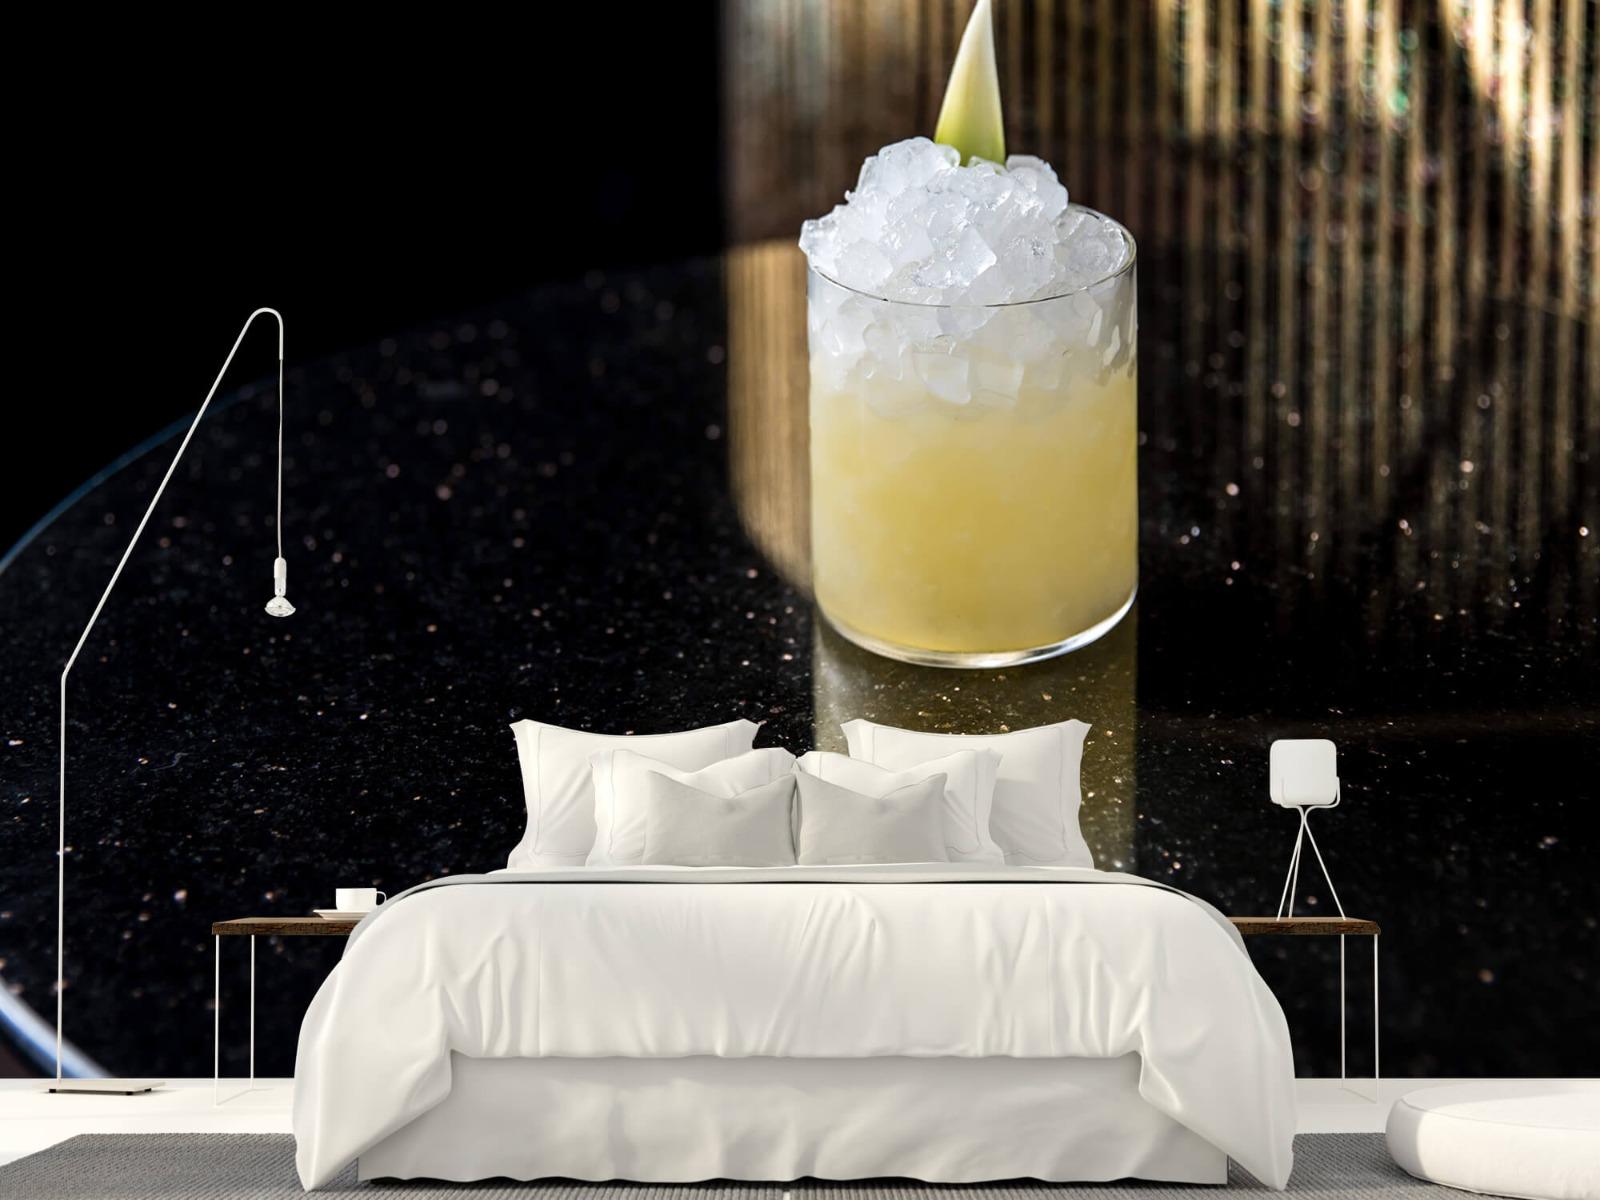 Overige - Luxe drankje - Keuken 16